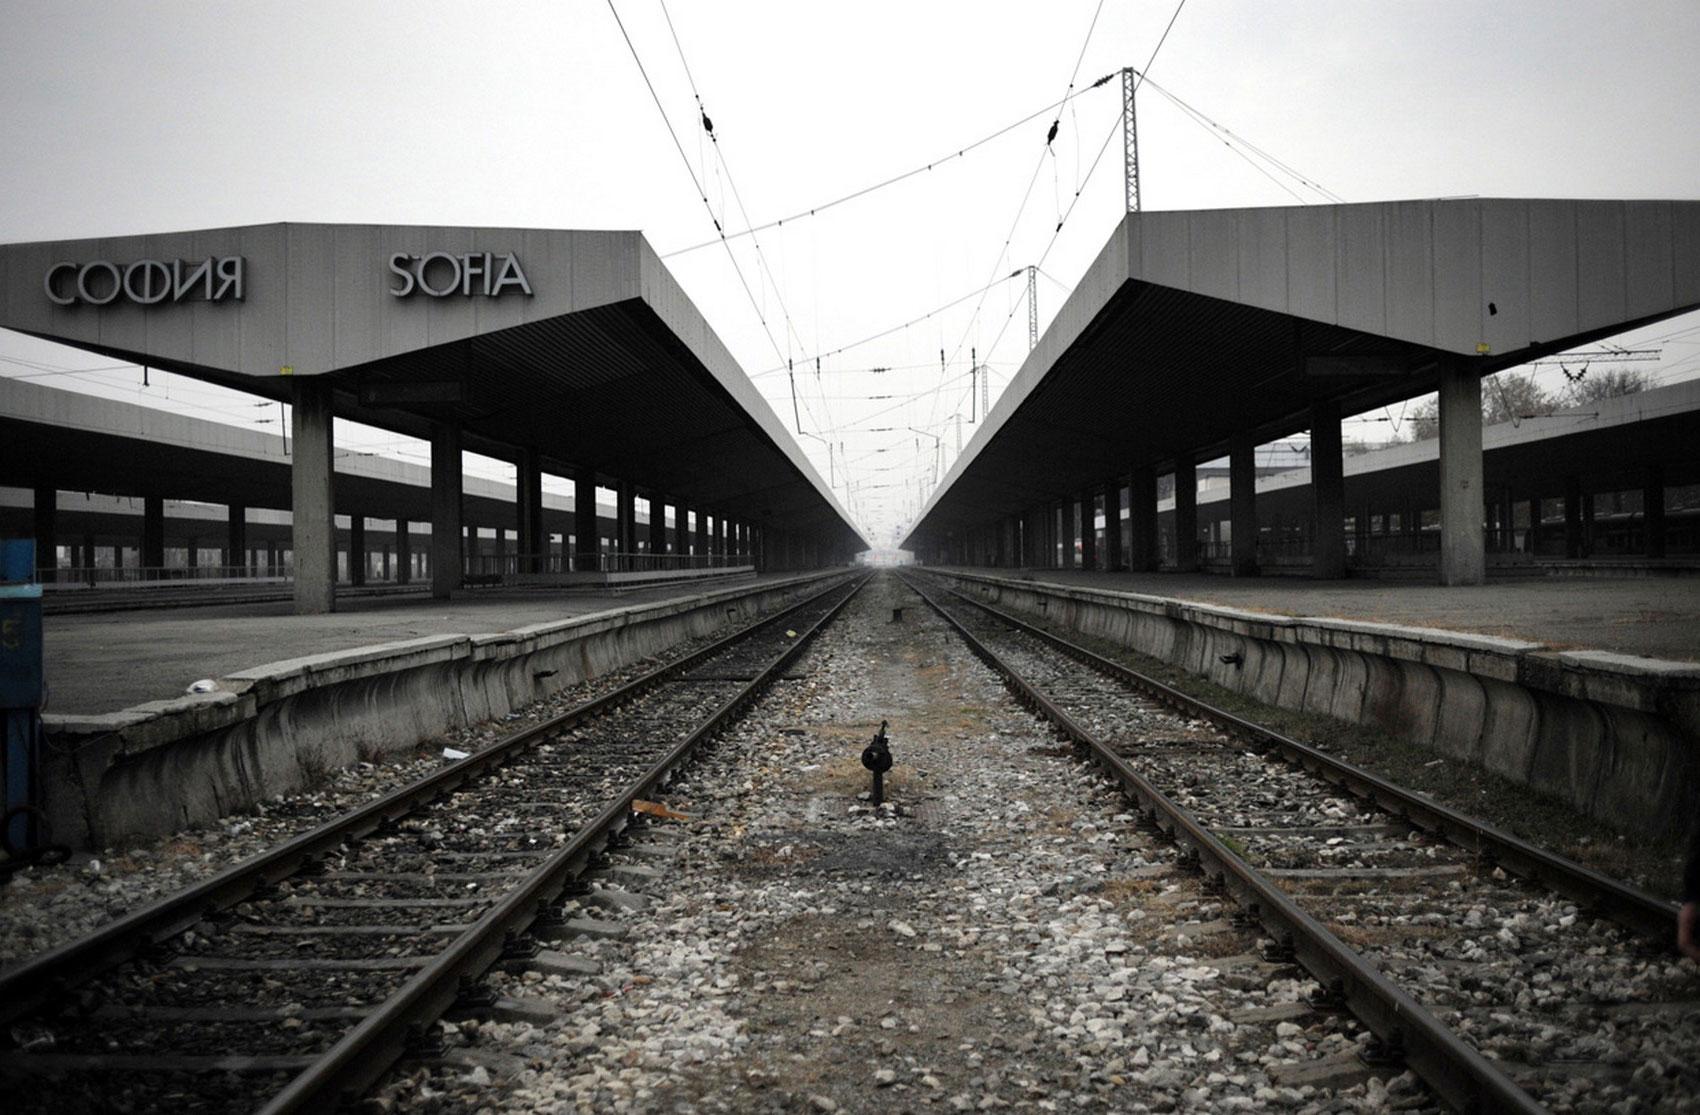 железнодорожный вокзал Софии, фото